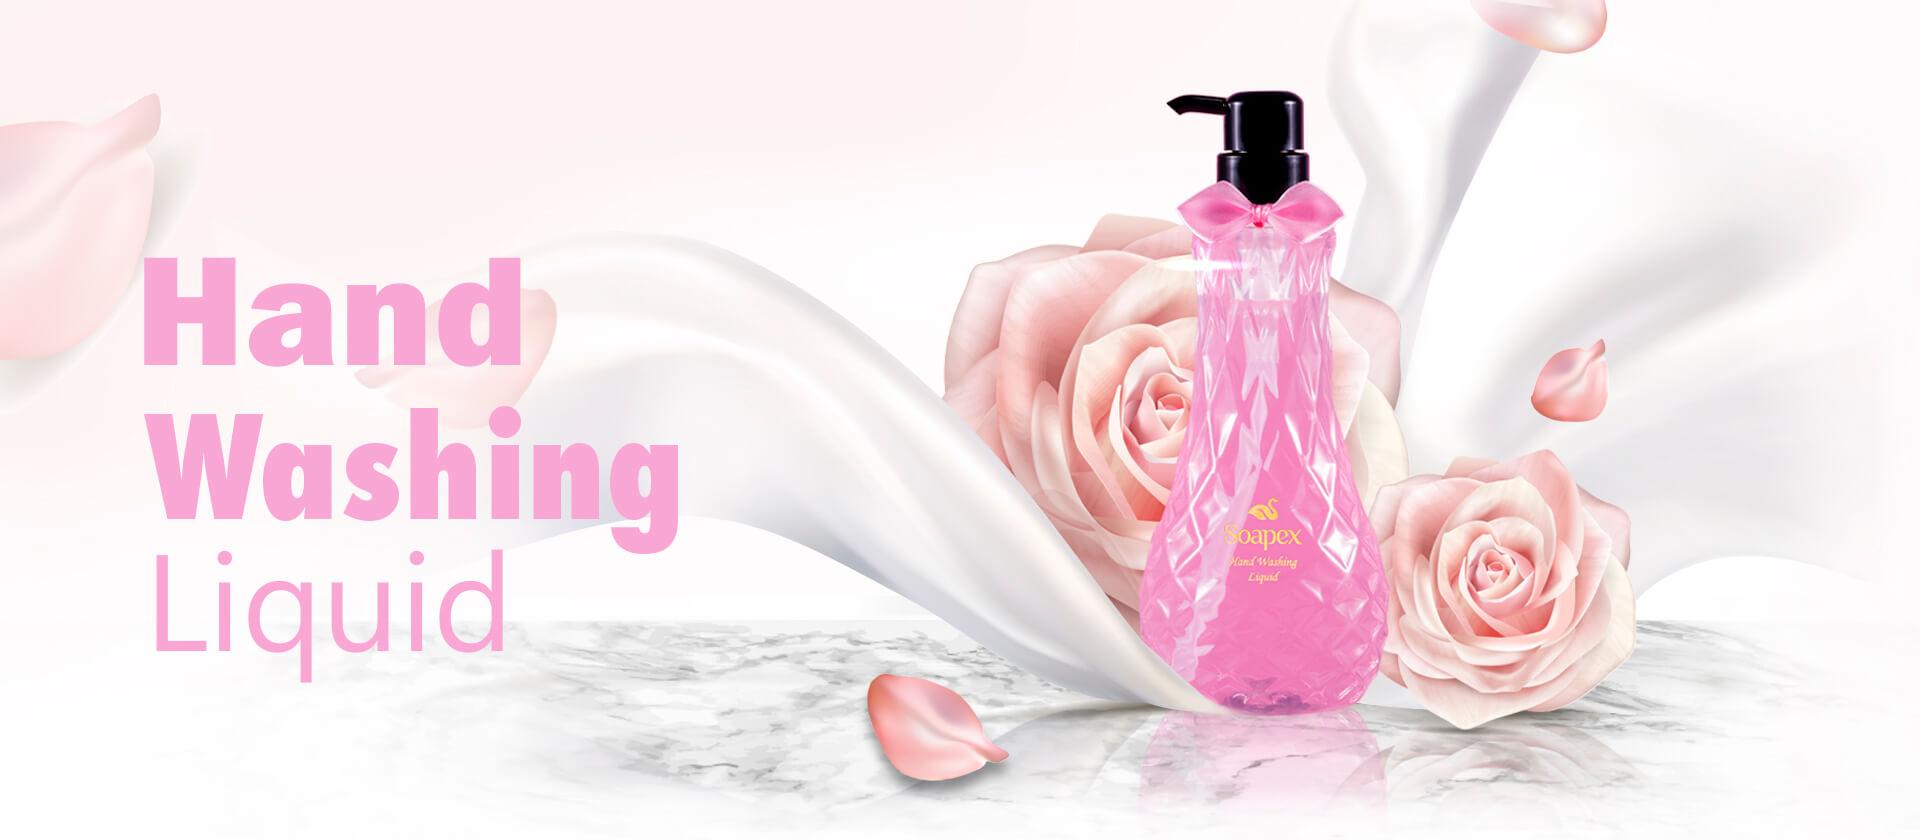 مایع شستشوی دست سوپکس